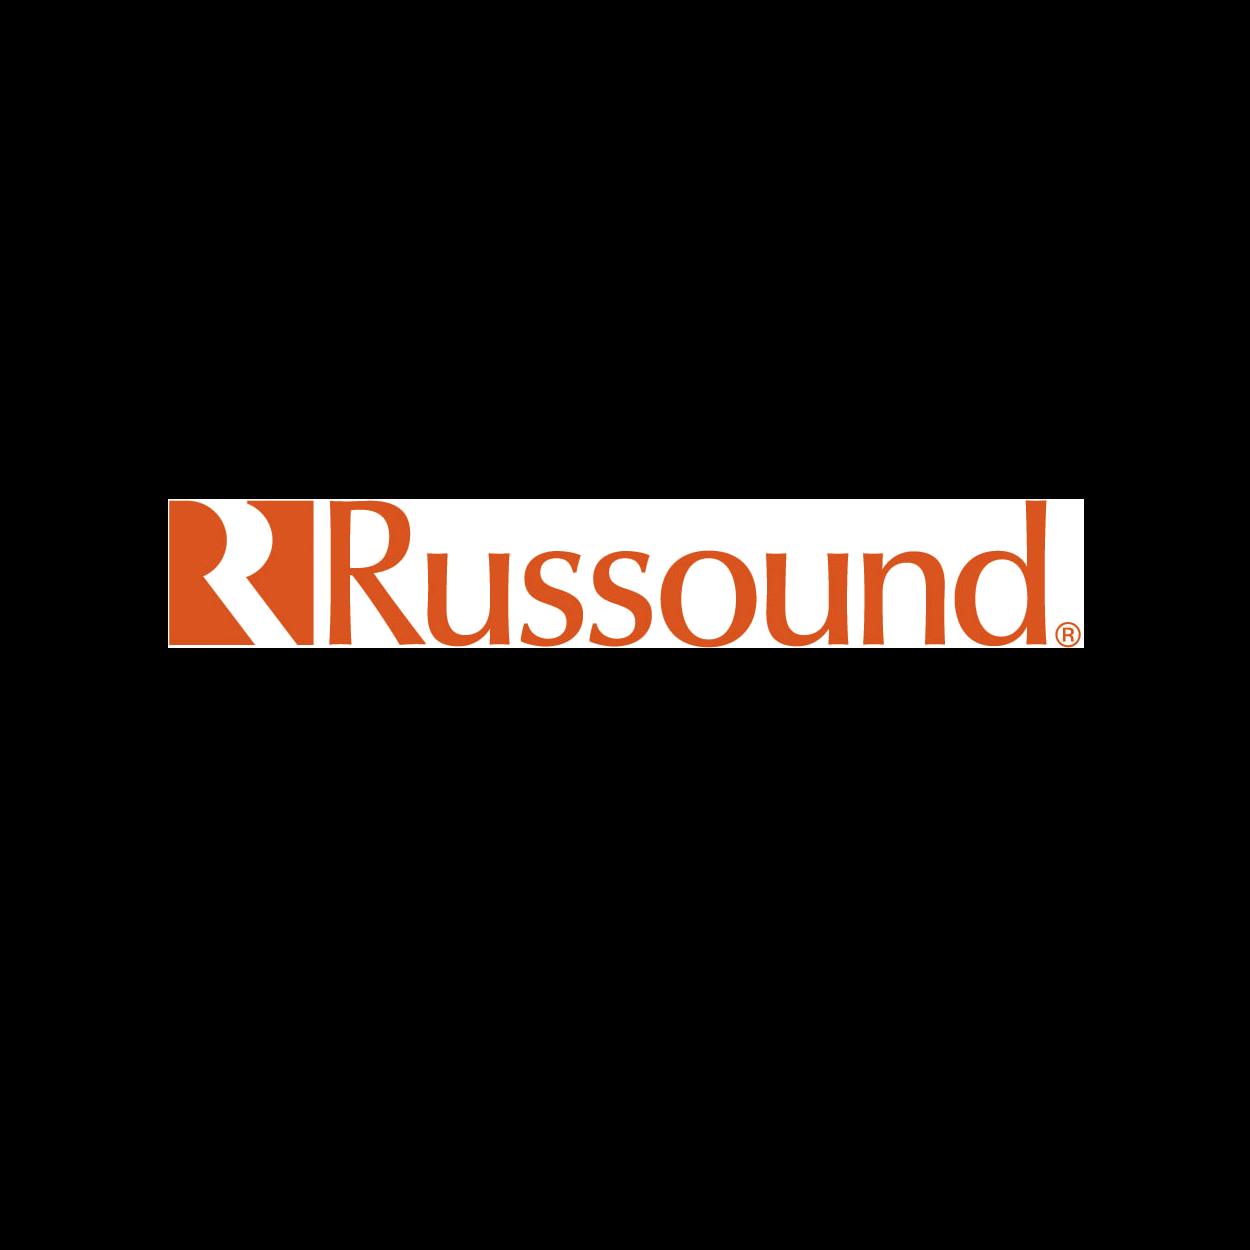 russound.png